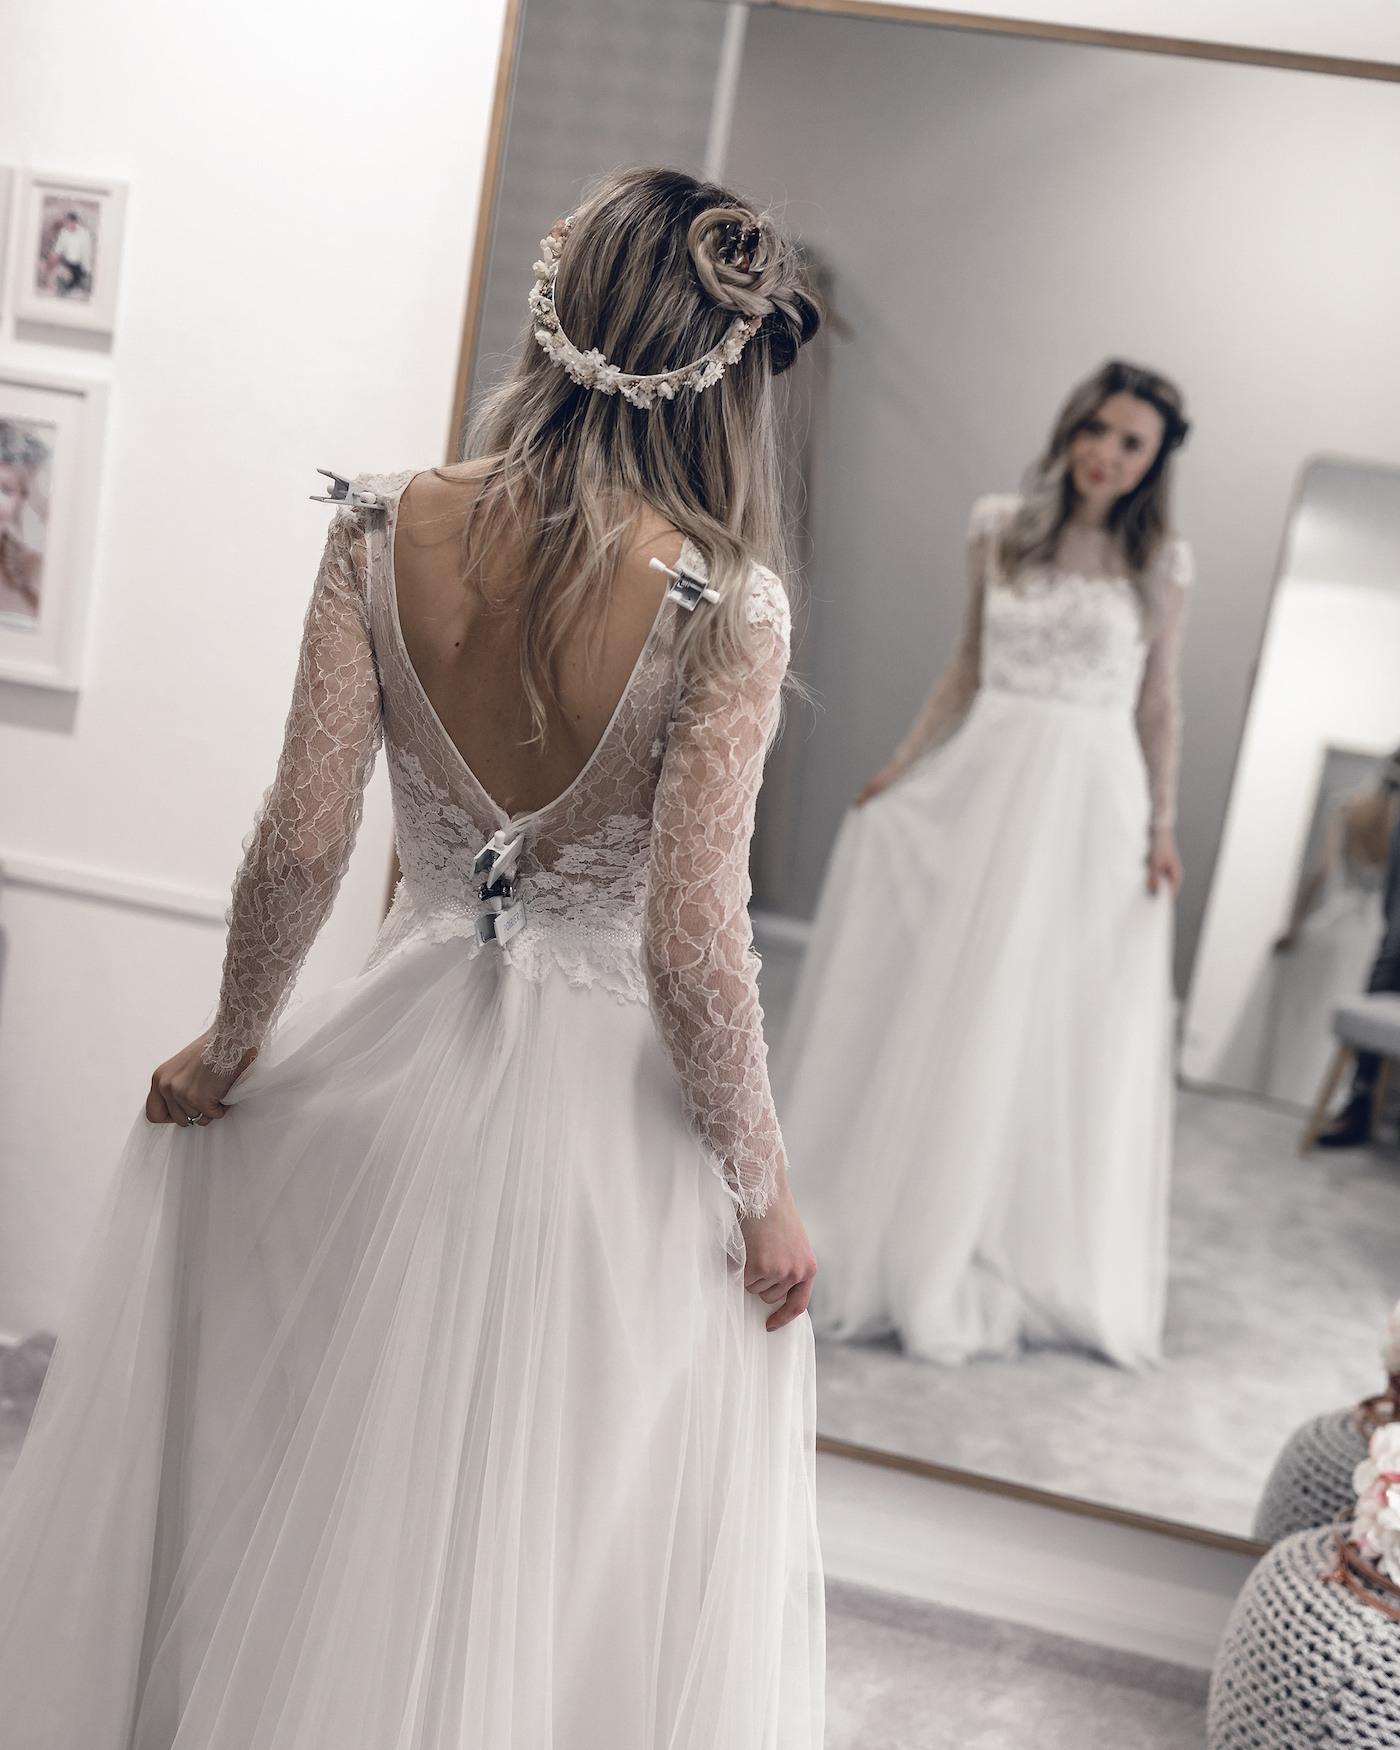 13 Großartig Brautkleid Hochzeitskleid ÄrmelDesigner Wunderbar Brautkleid Hochzeitskleid Ärmel